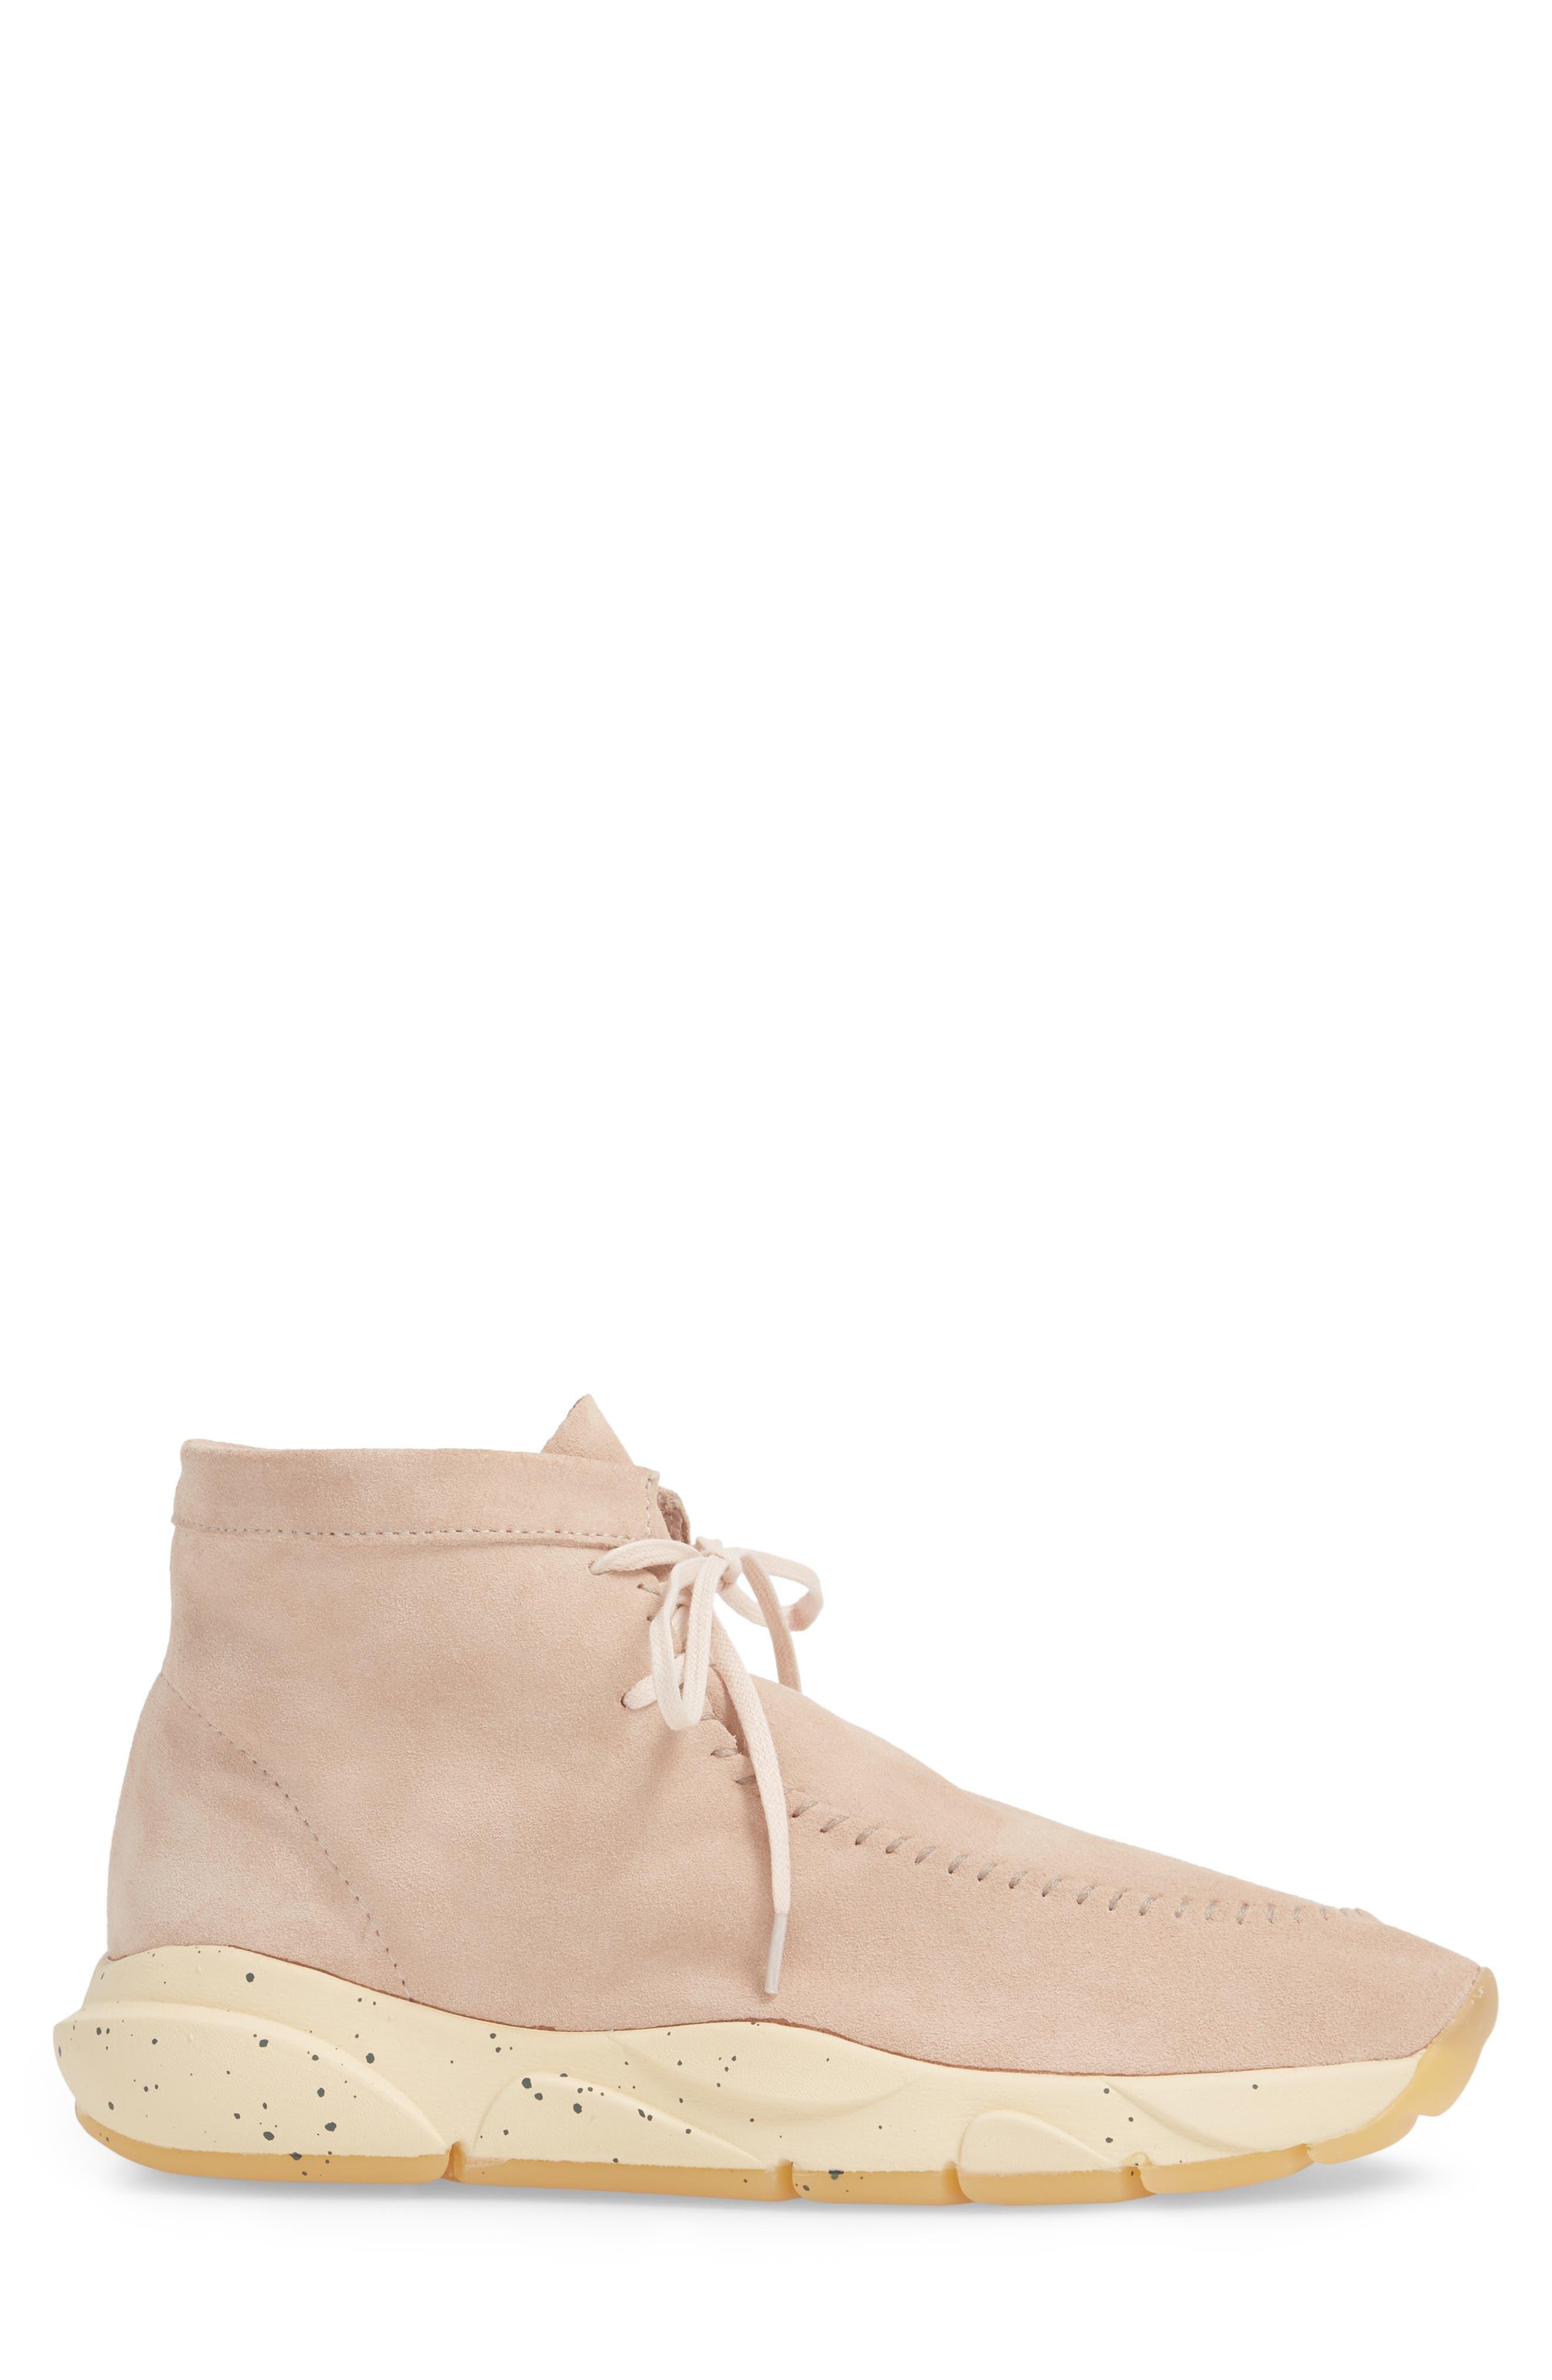 Castas Asymmetrical Chukka Sneaker,                             Alternate thumbnail 3, color,                             Rose Dust